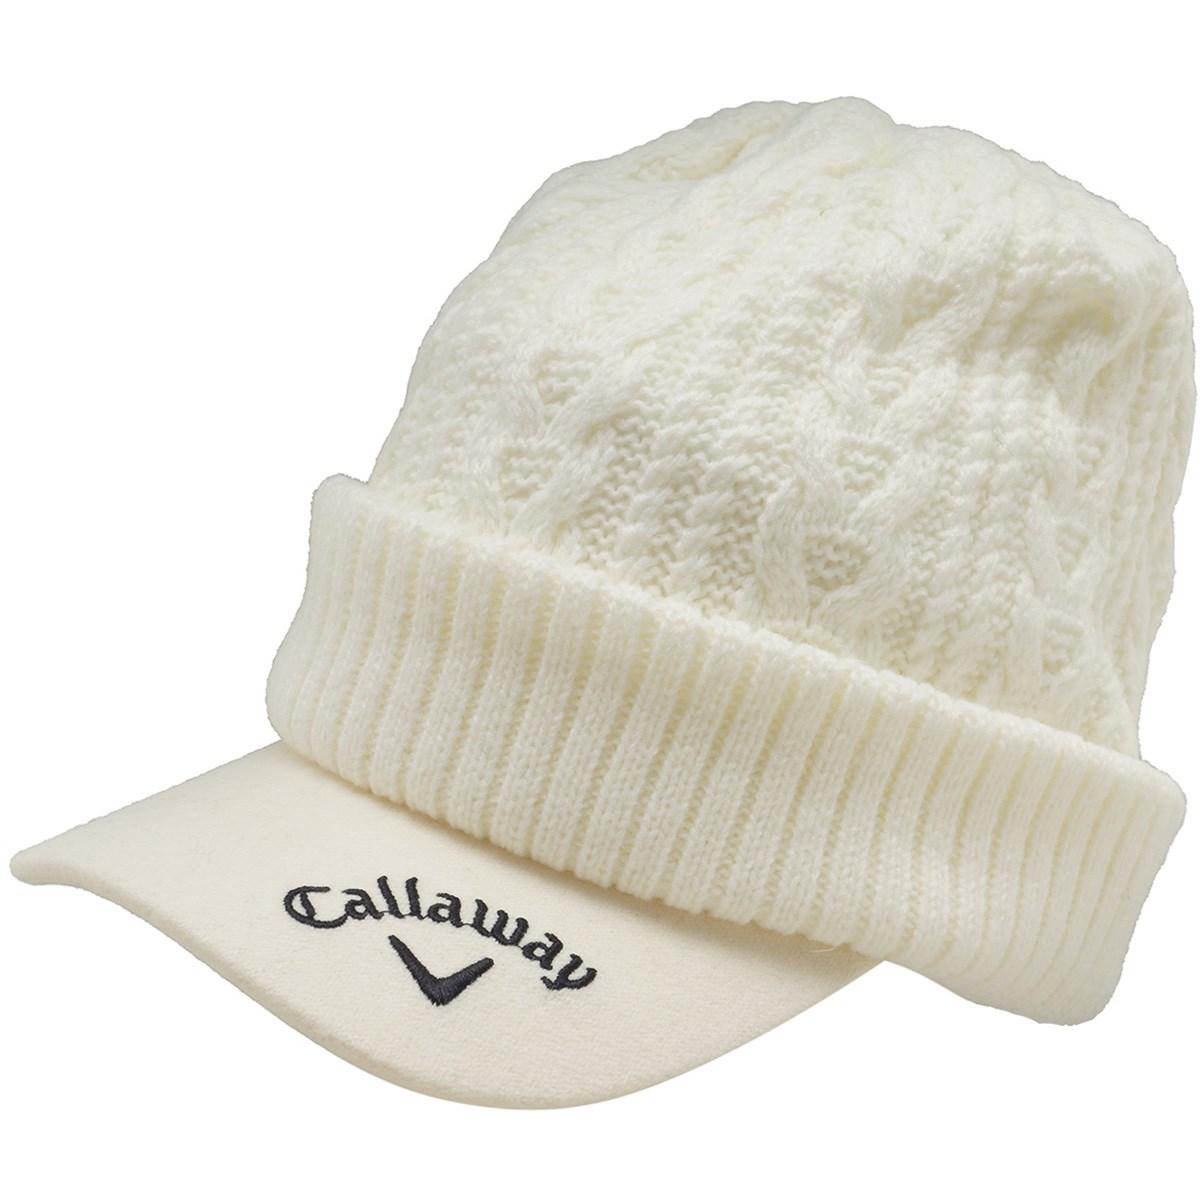 キャロウェイゴルフ(Callaway Golf) ニットキャップ JM